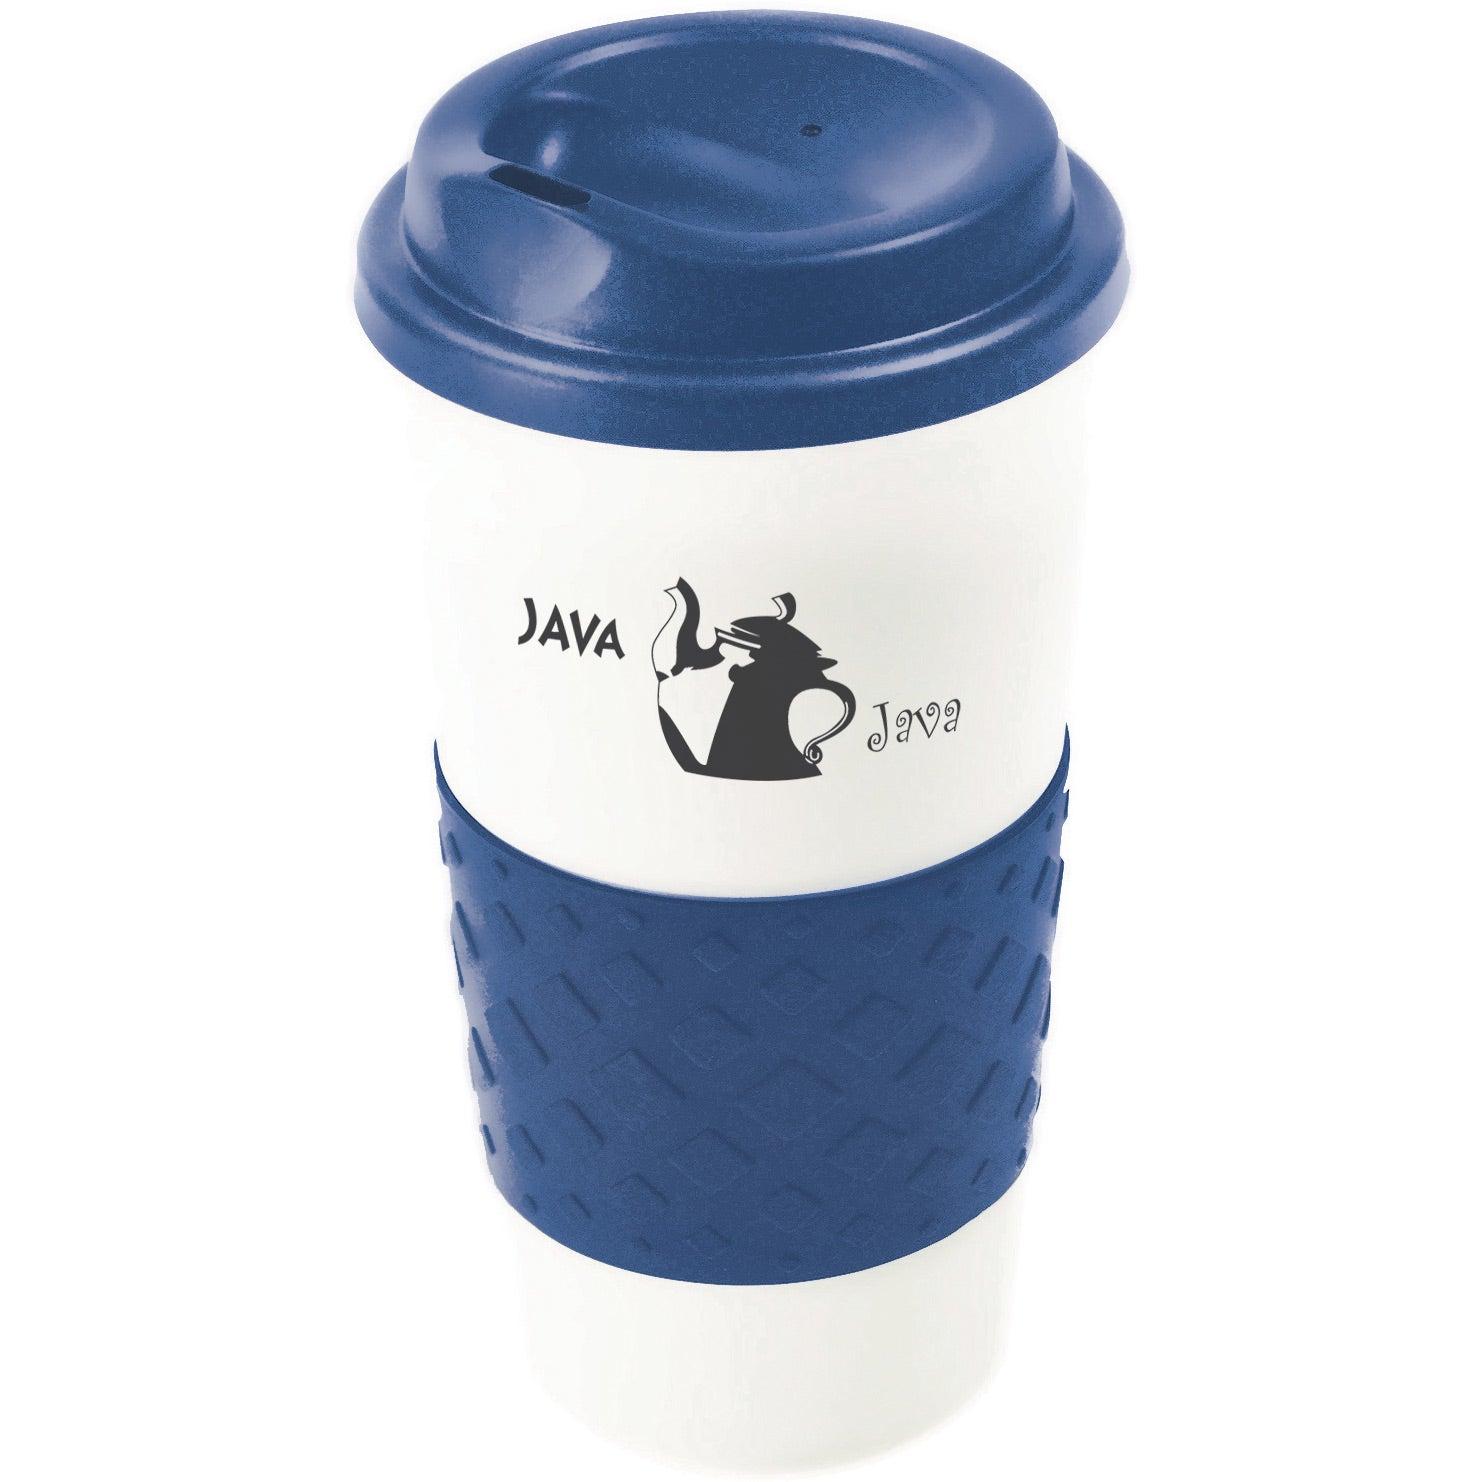 grip n go grande cup 16 oz promotional travel mugs ea. Black Bedroom Furniture Sets. Home Design Ideas